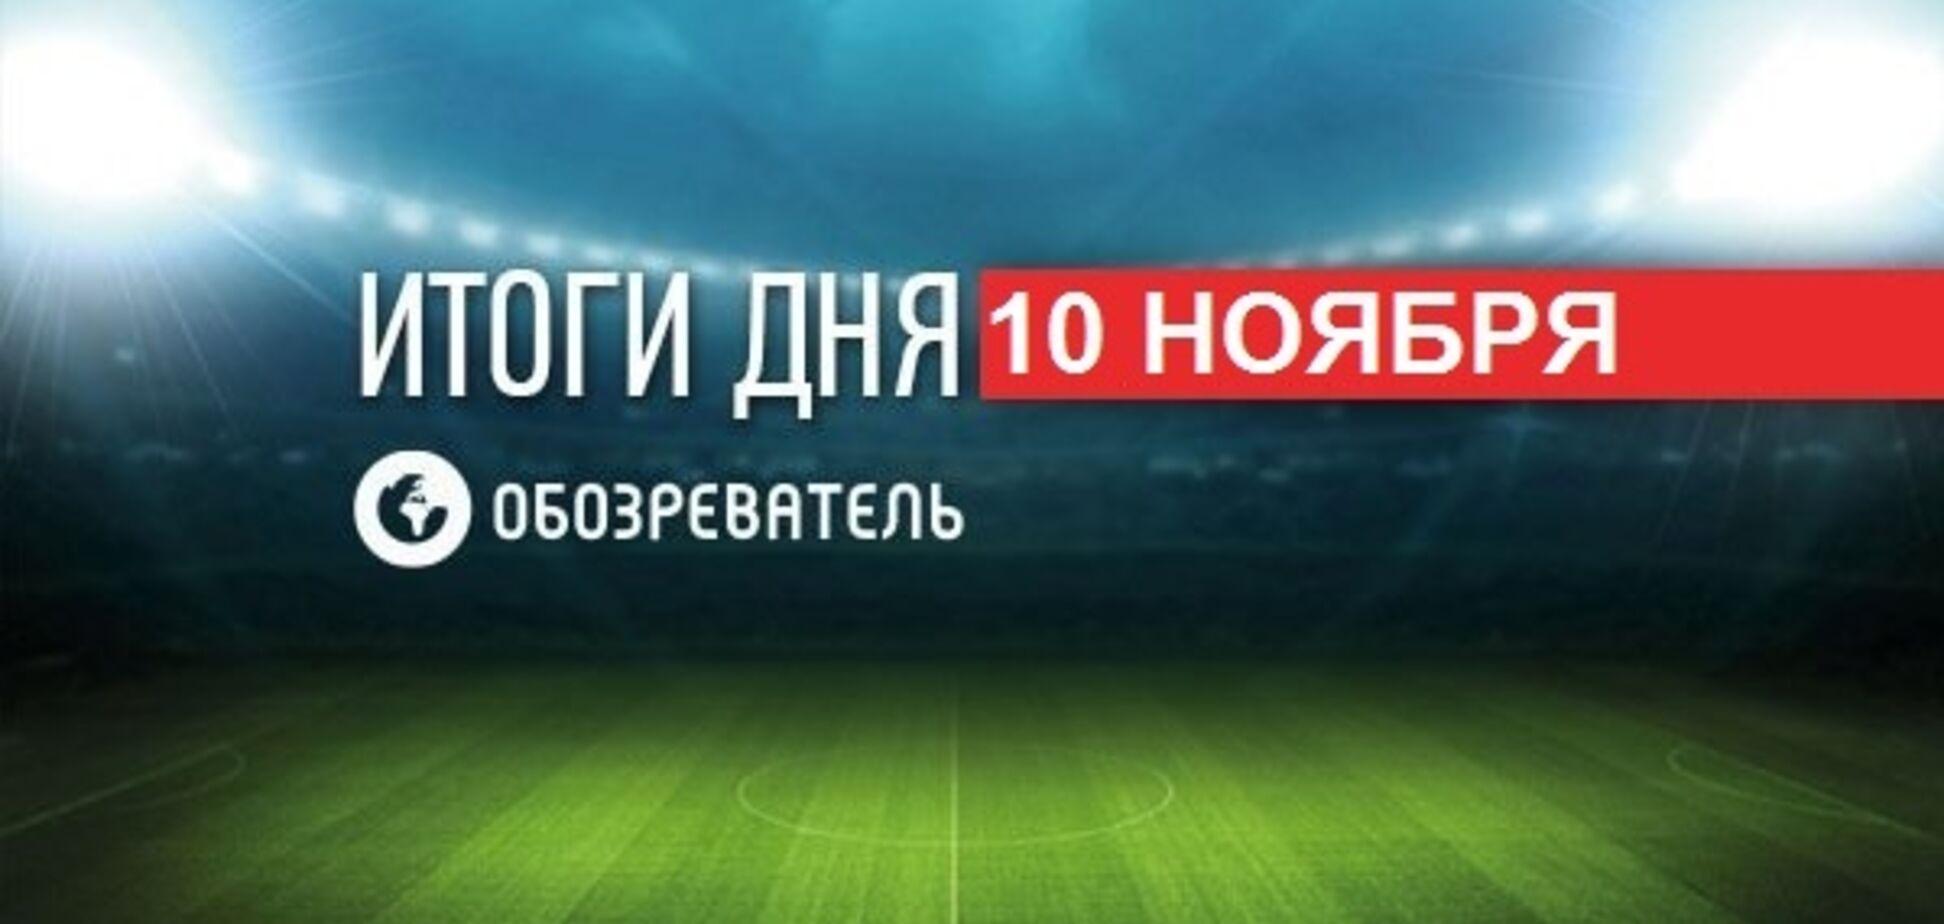 'Шахтар' зі скандалом обіграв 'Динамо': спортивні підсумки 10 листопада